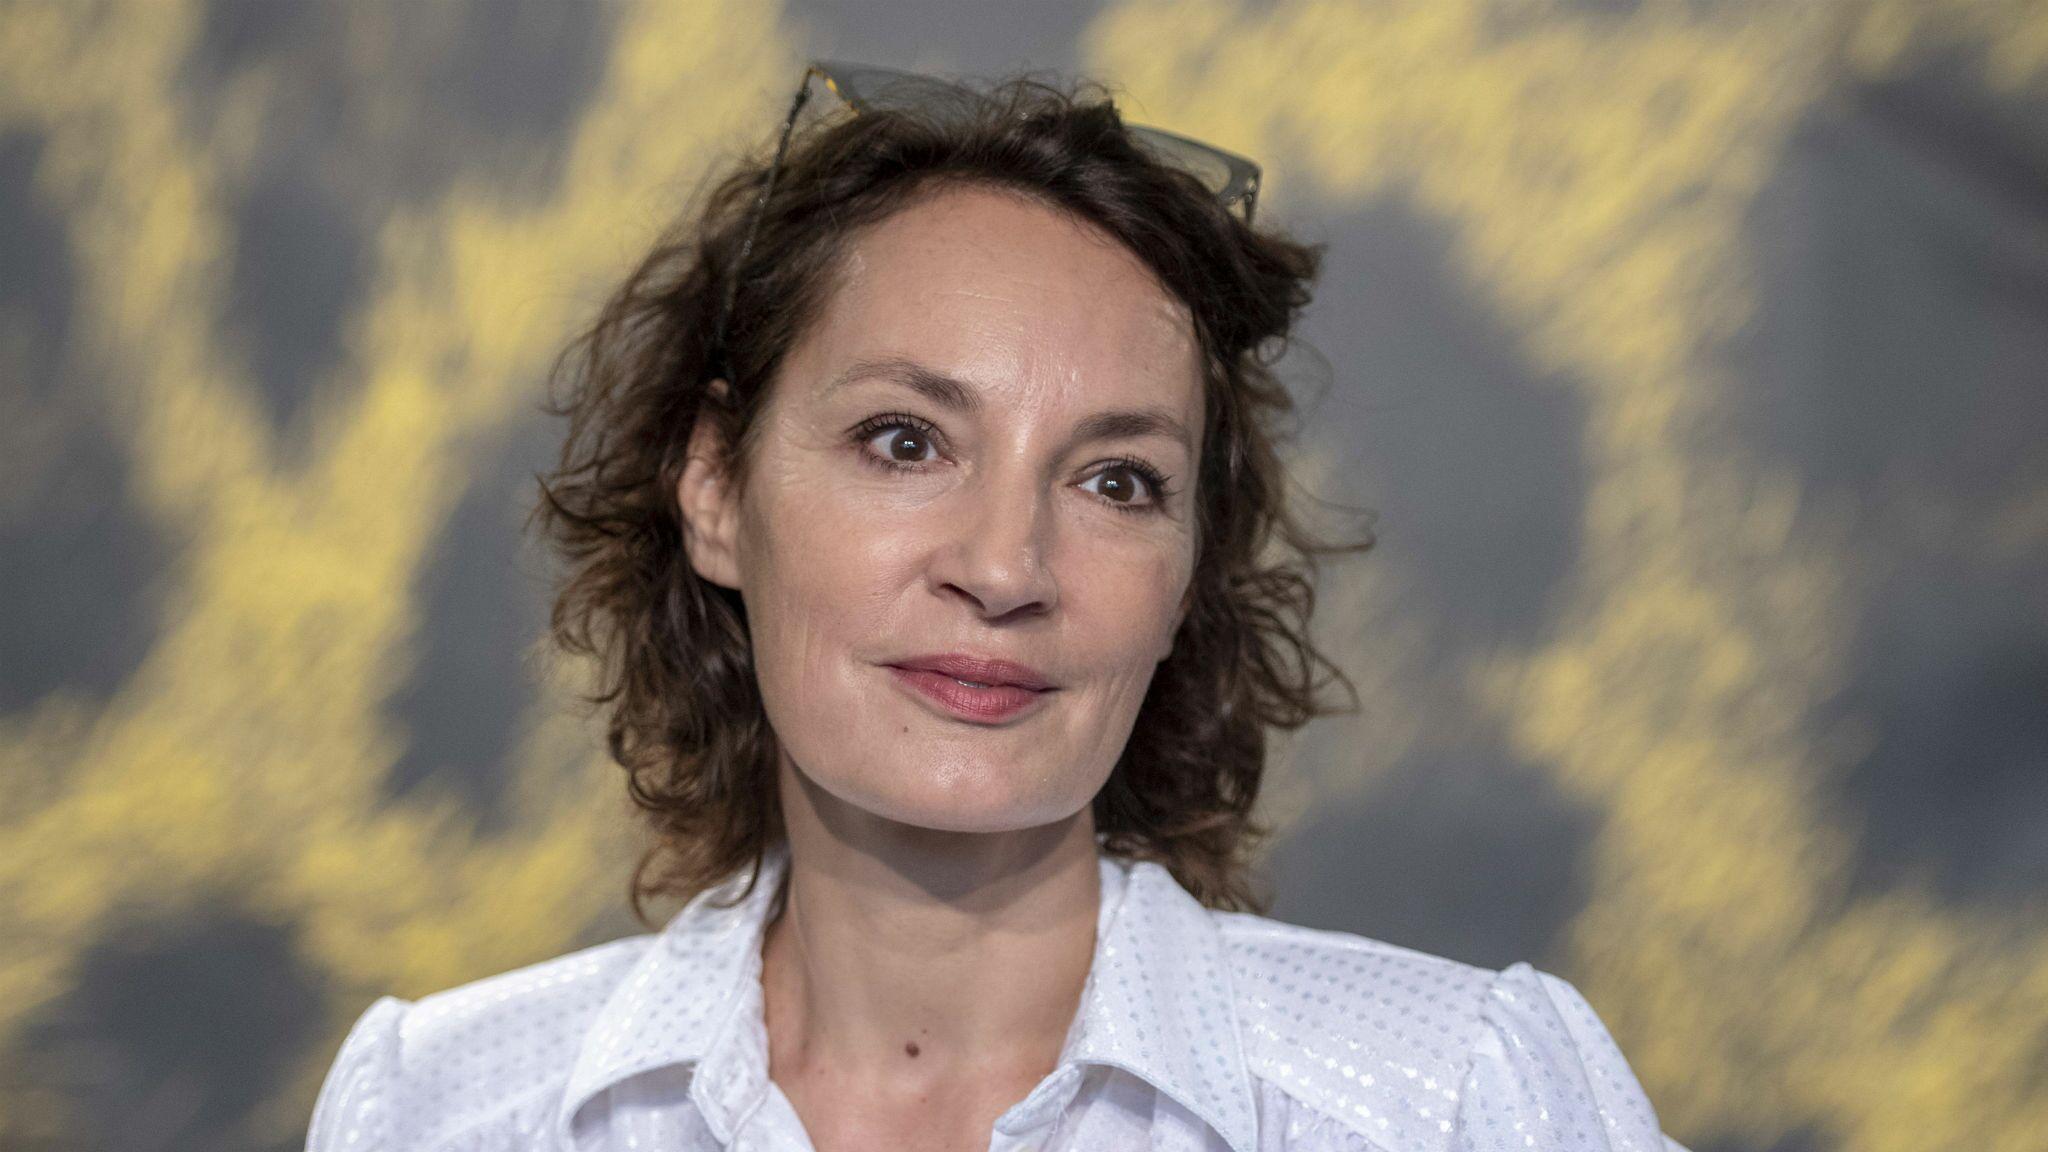 Emmanuel Macron bouleversé par le film Les Misérables? Jeanne Balibar le recadre sèchement